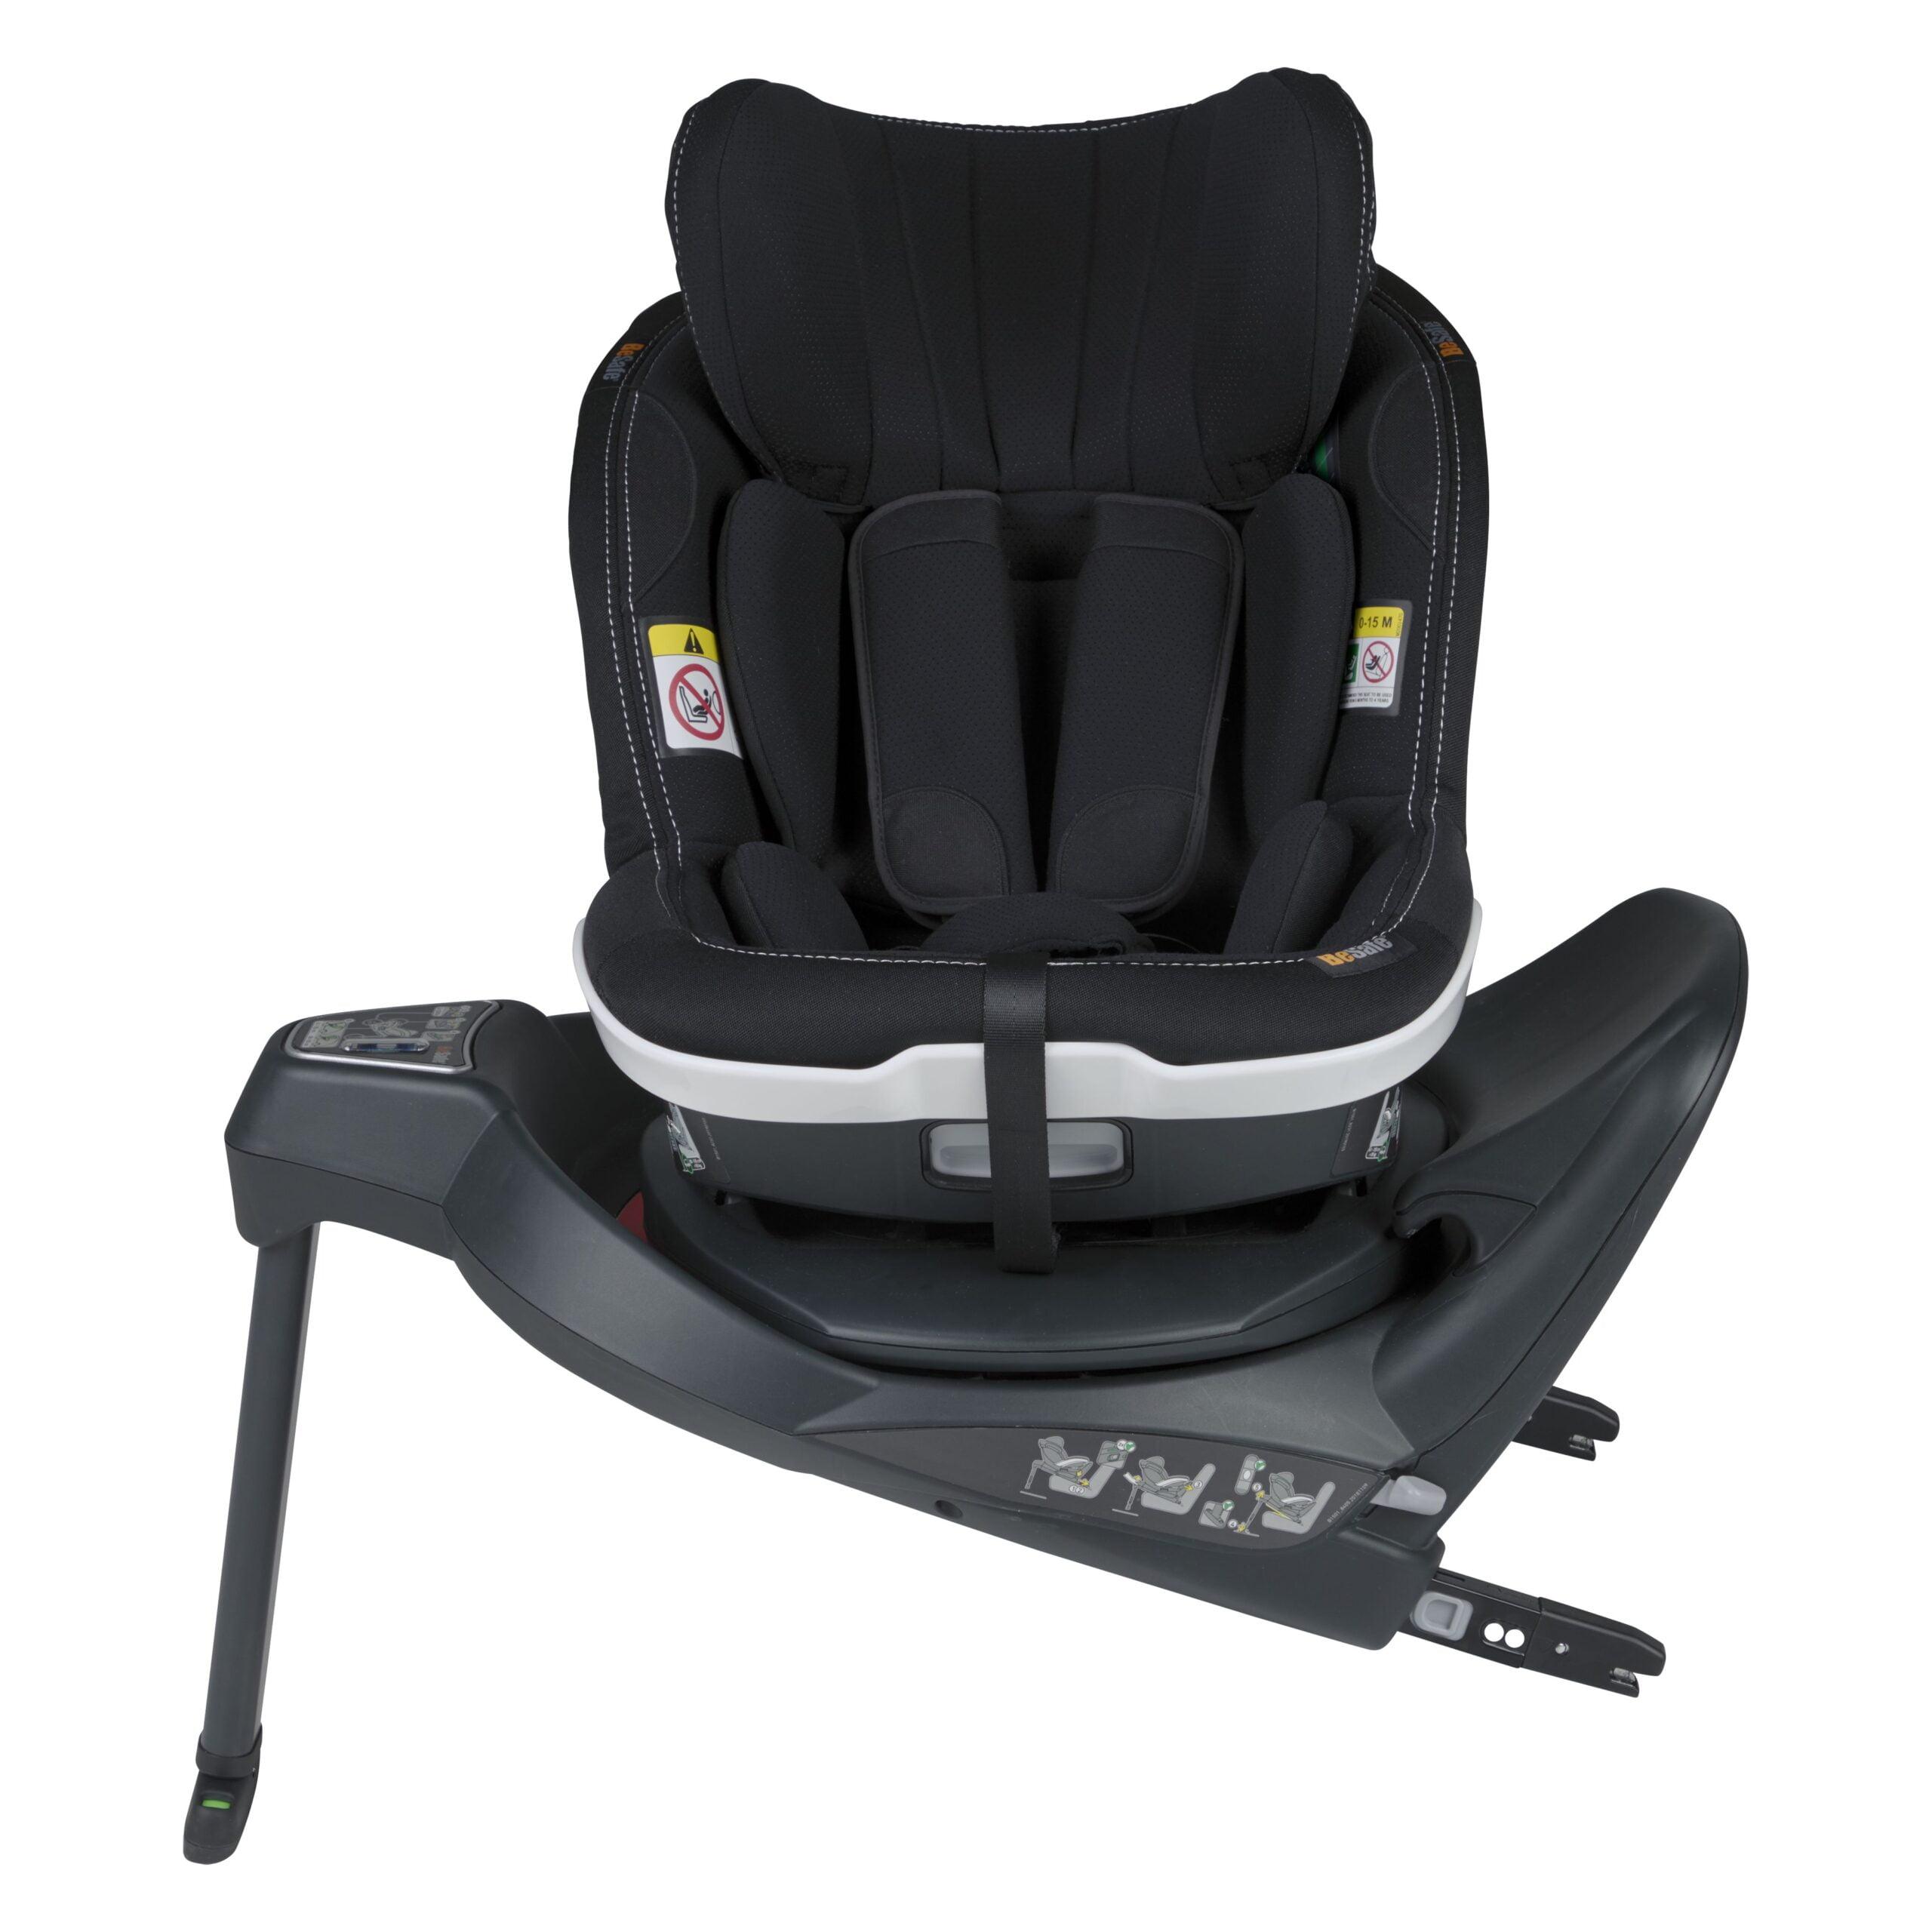 11007222_BeSafe-iZi-Turn-i-Size_Premium-Car-Interior-Black_Side_Rotated